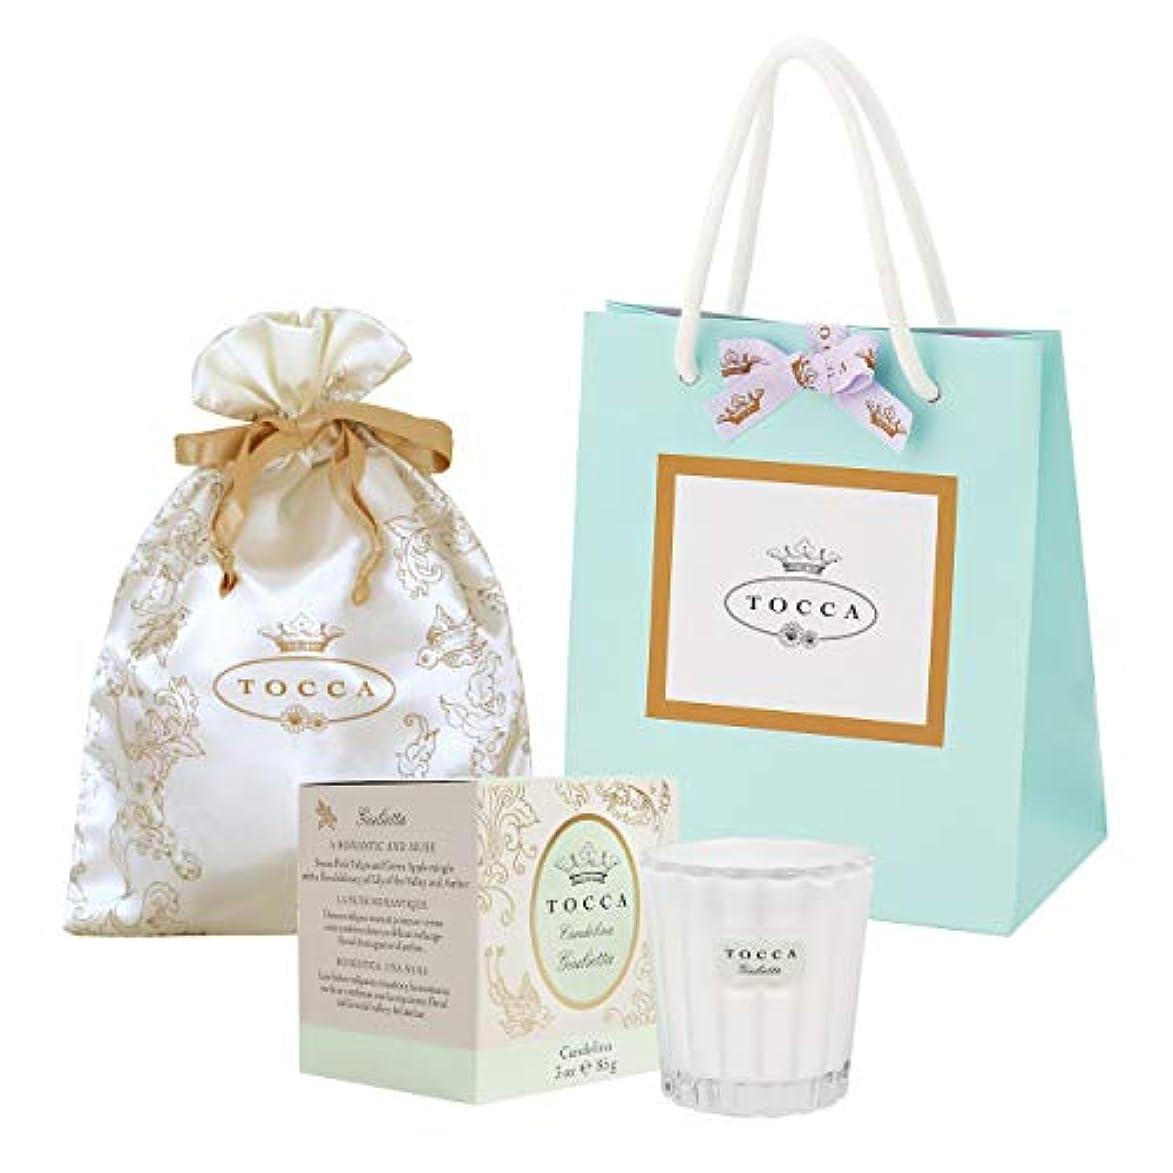 検証命令いくつかのトッカ(TOCCA) キャンデリーナ ジュリエッタの香り 約85g 巾着&ショッパー付 (キャンドル ろうそく ギフト 手提袋付 爽やかで甘い香り)